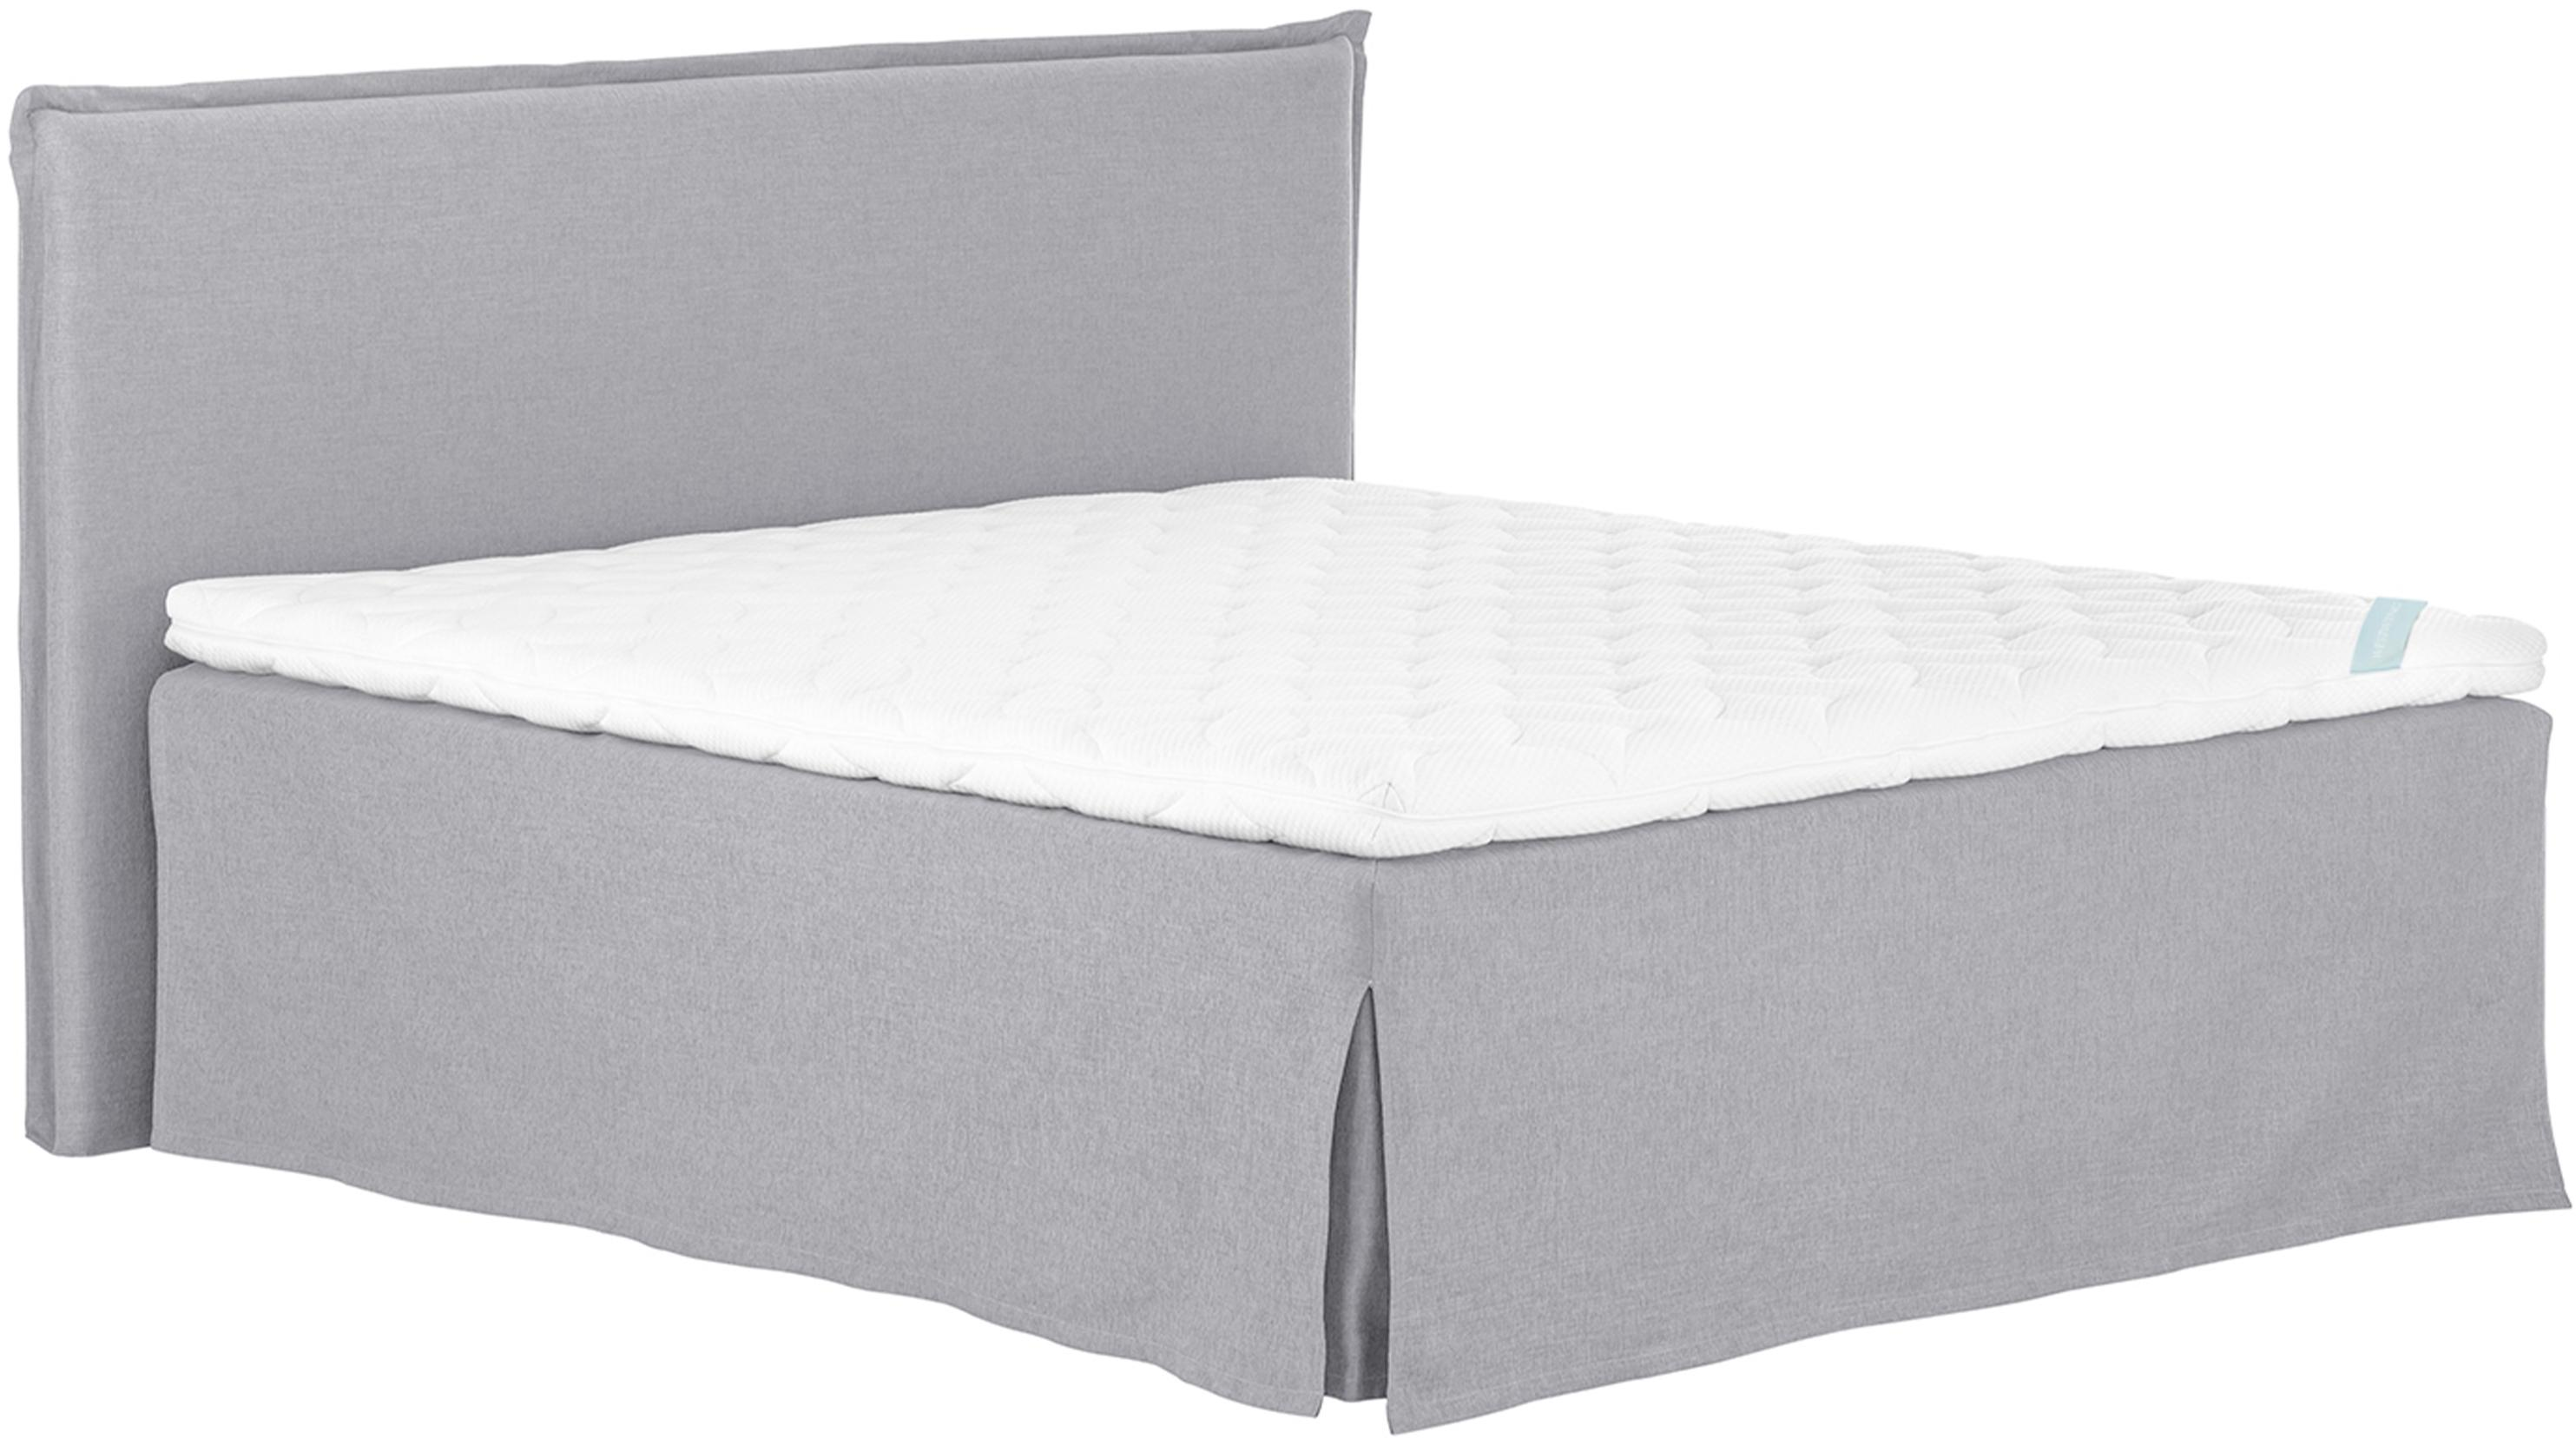 Premium Boxspringbett Violet, Matratze: 7-Zonen-Taschenfederkern , Füße: Massives Buchenholz, lack, Grau, 180 x 200 cm